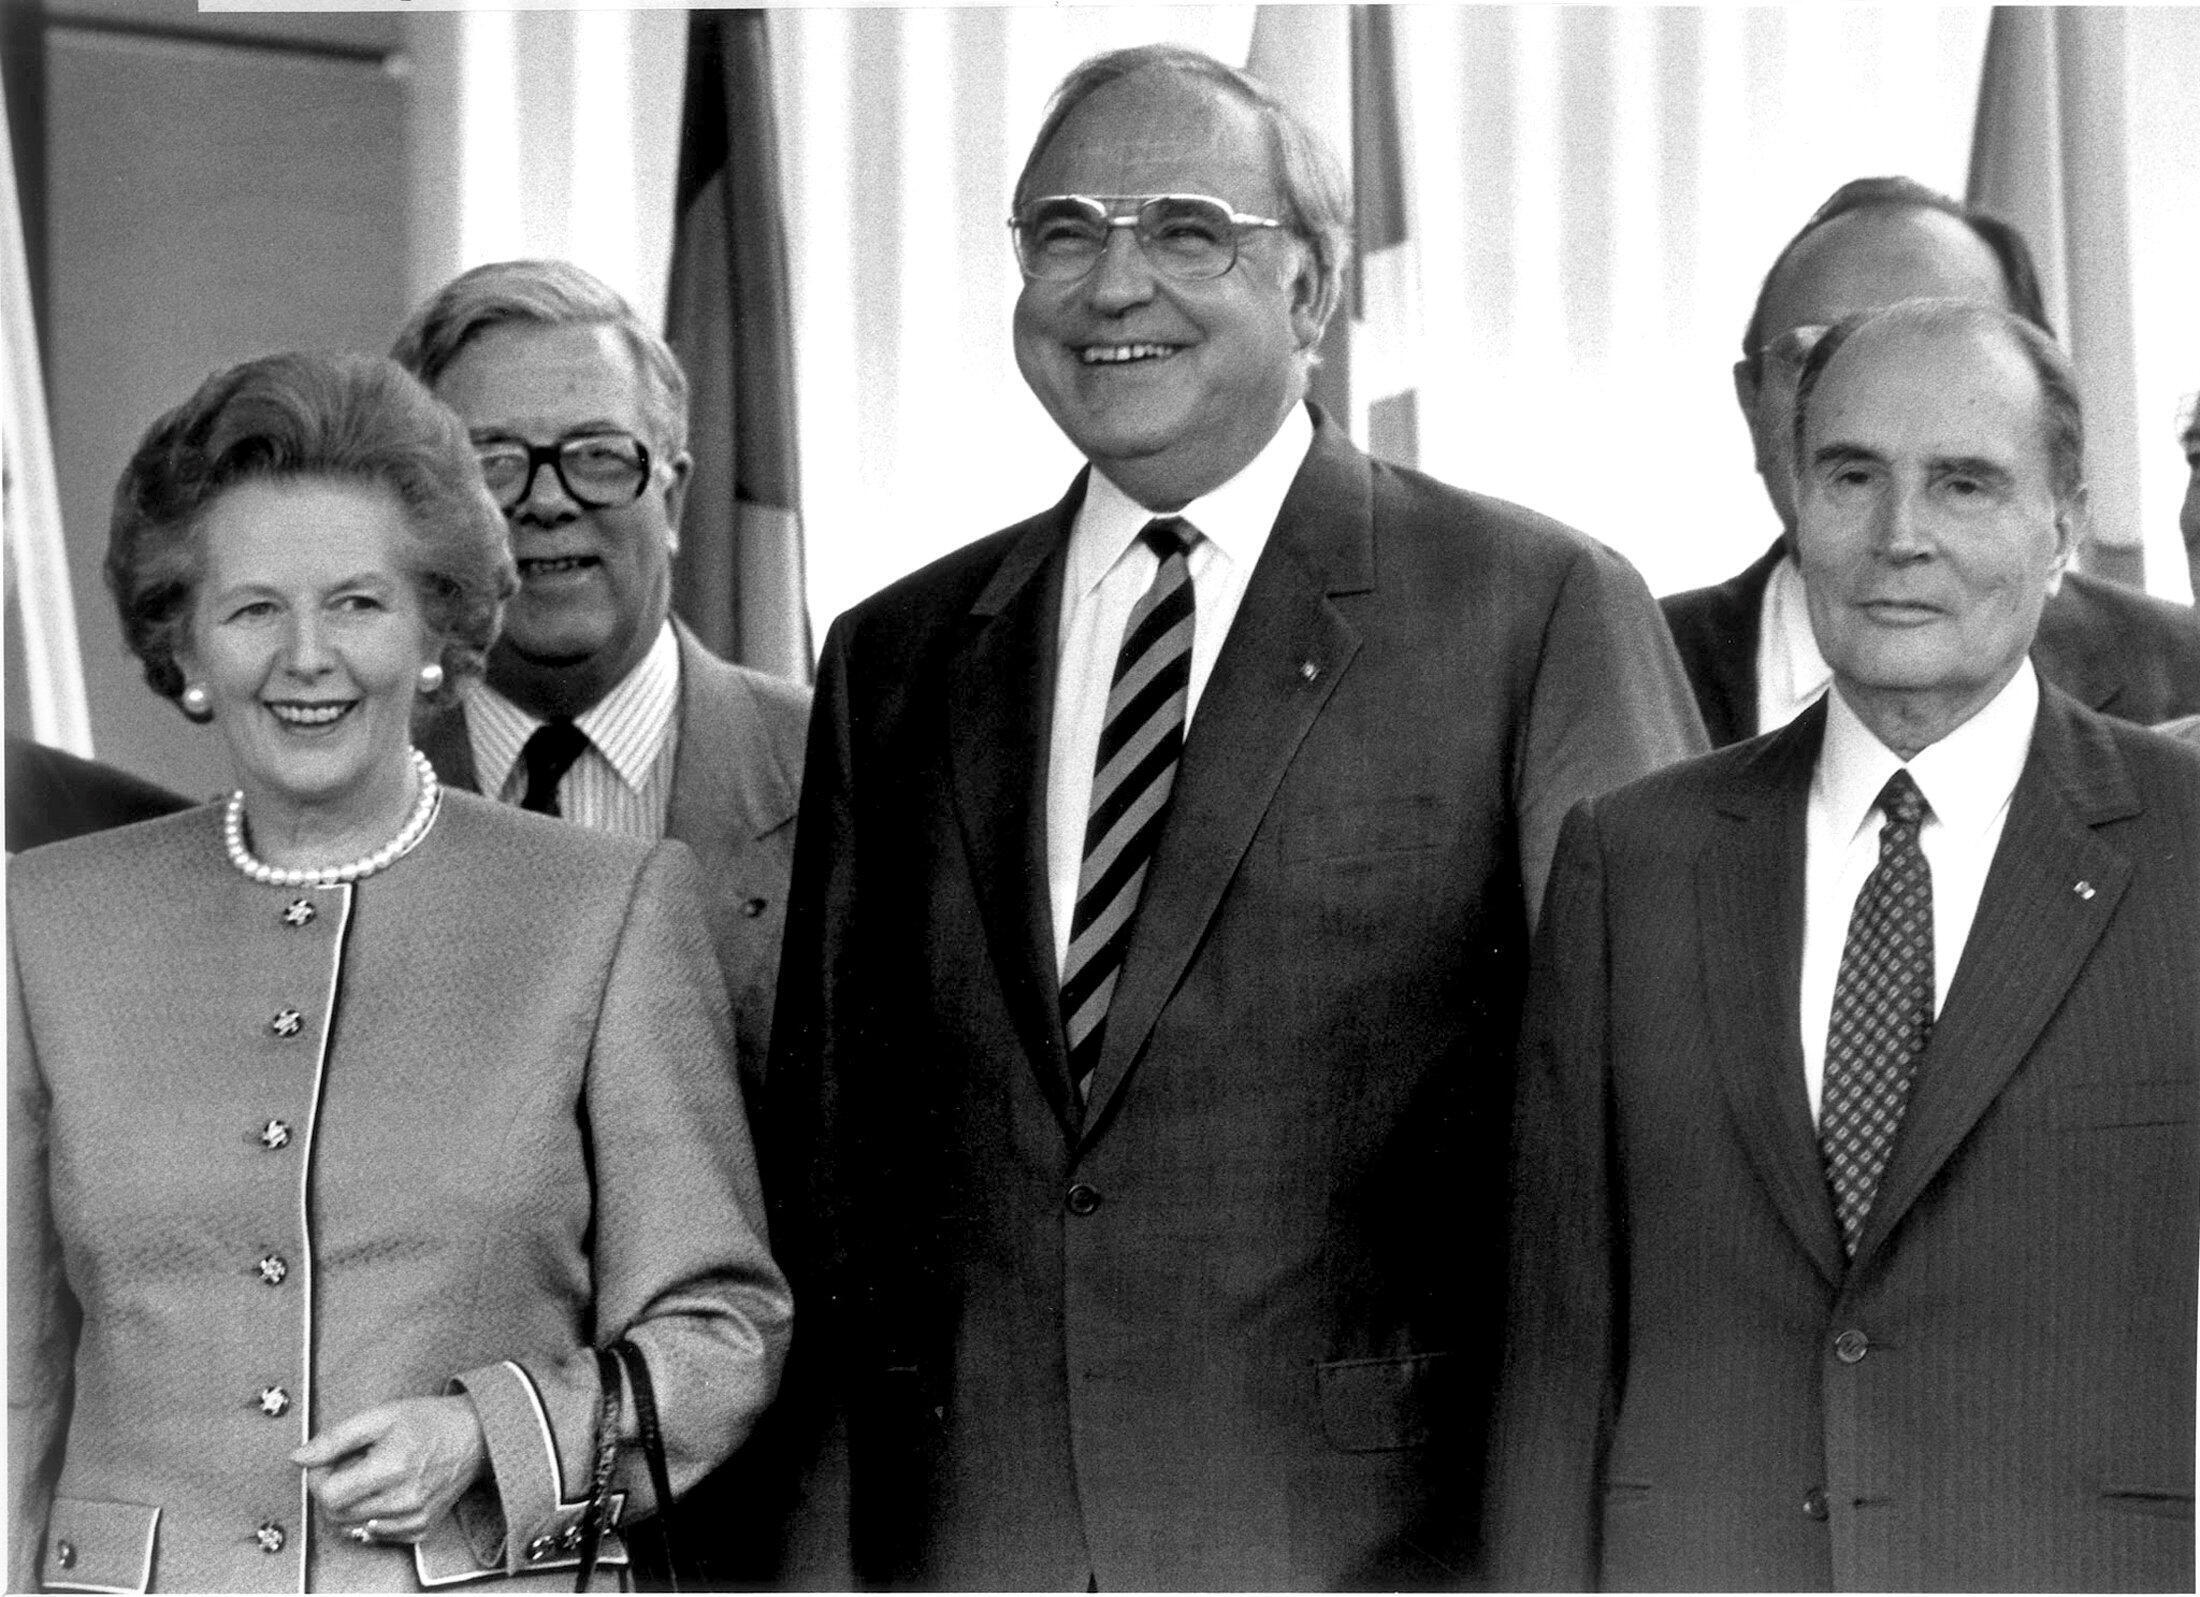 Le Chancelier Kohl aux côtés de Margaret Thatcher et de Francois Mitterrand lors d'un sommet européen à Hanovre en juin 1988.